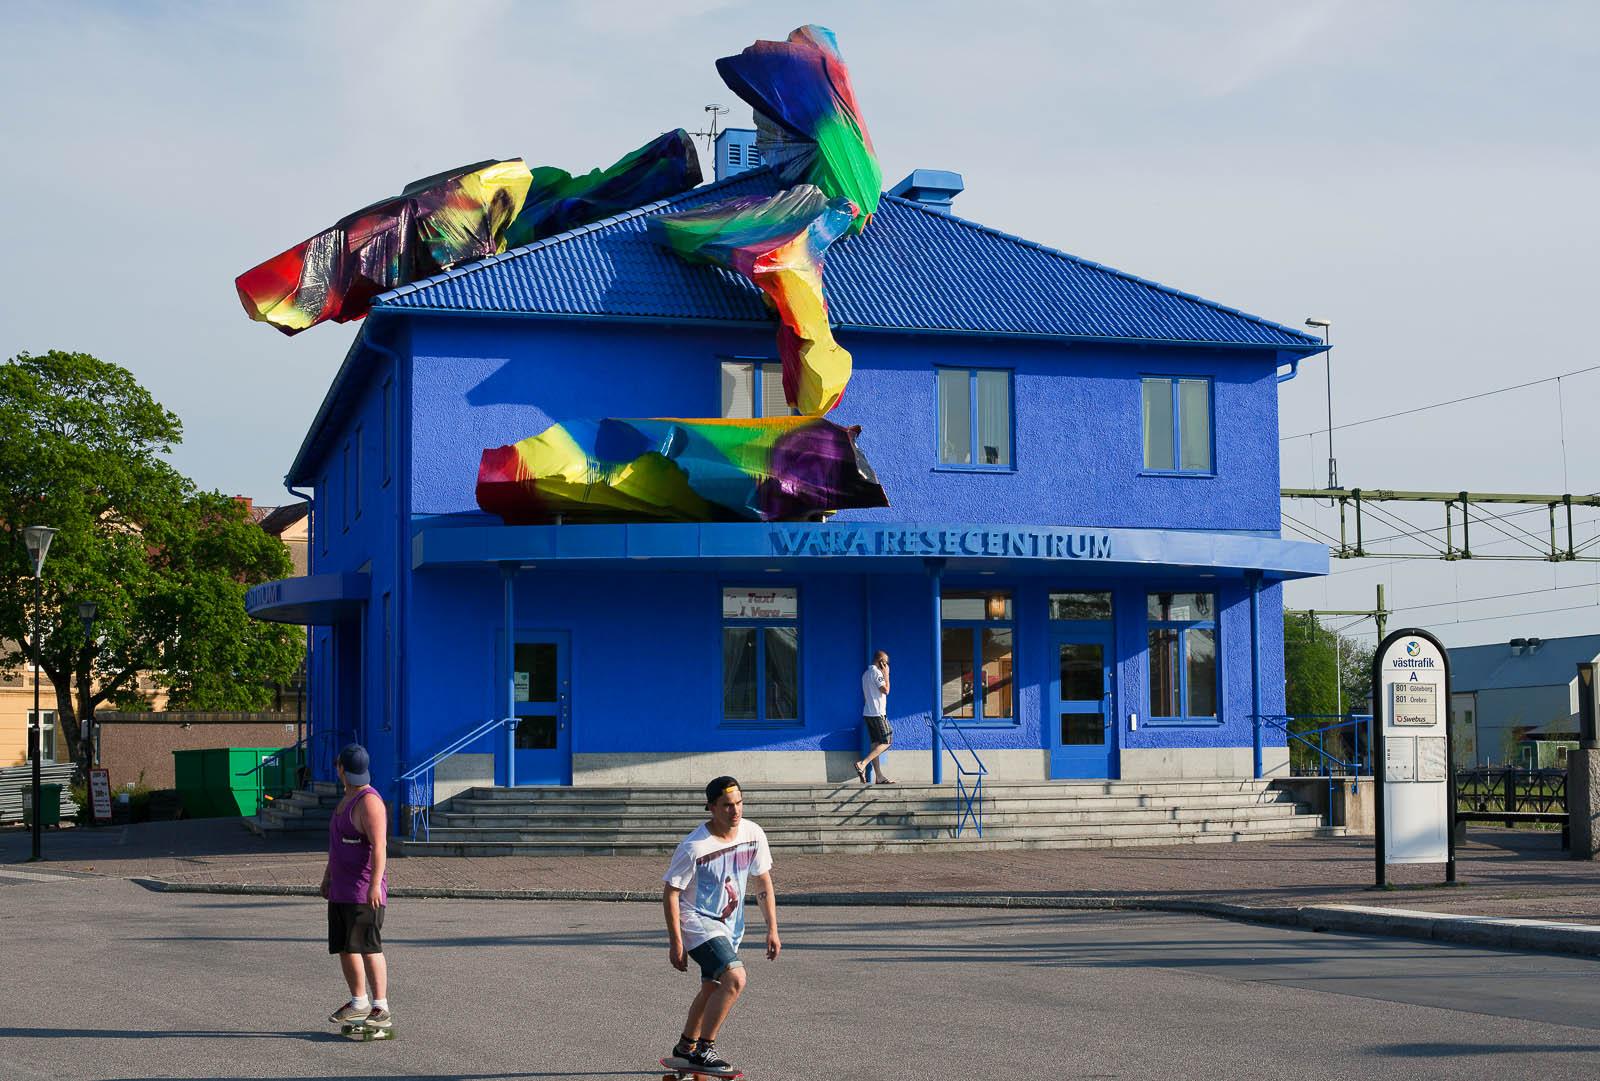 Blåmålade Vara Resecentrum, med färgglada objekt på taket. Katharina Grosse, Blue Orange, 2012